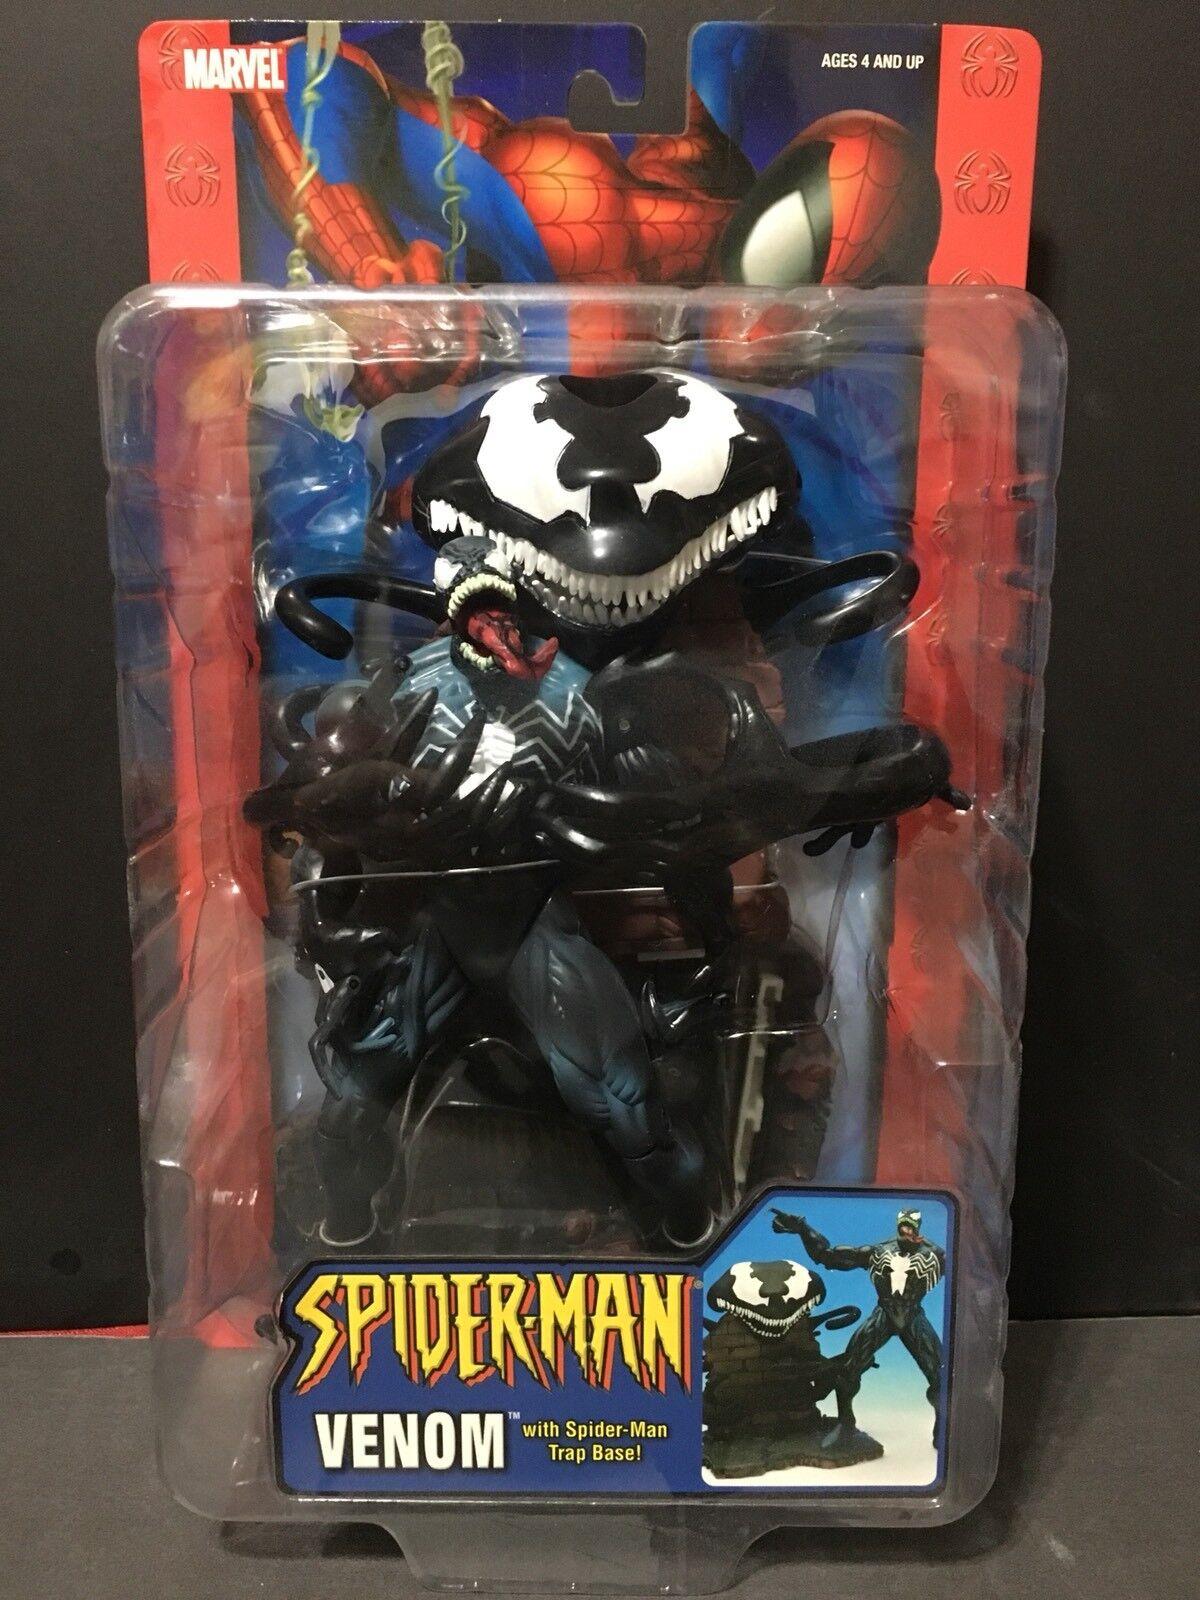 Marvel Legends Spider-Man Classics Venom with trap base 6  Wirkung Figure SpielzeugBiz